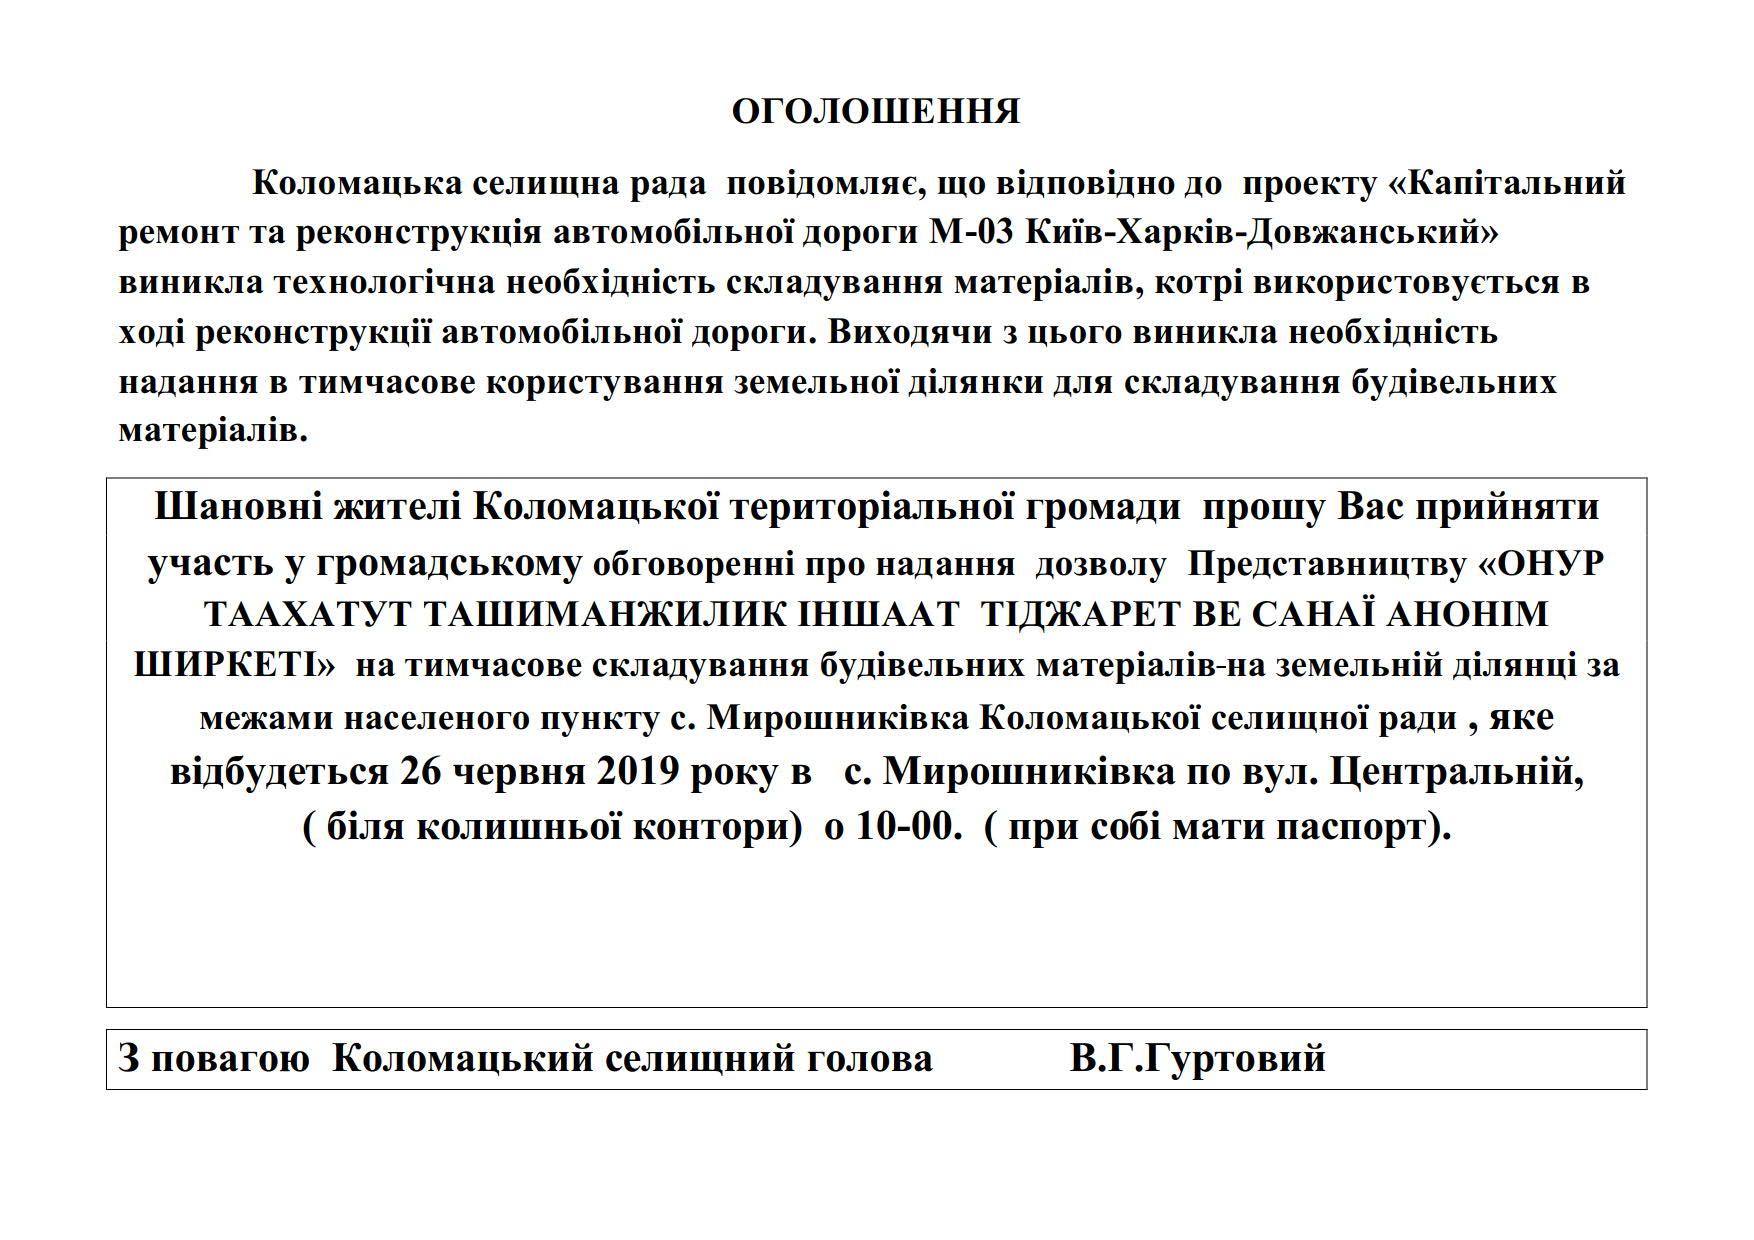 ОГОЛОШЕННЯ мирошниківка_1